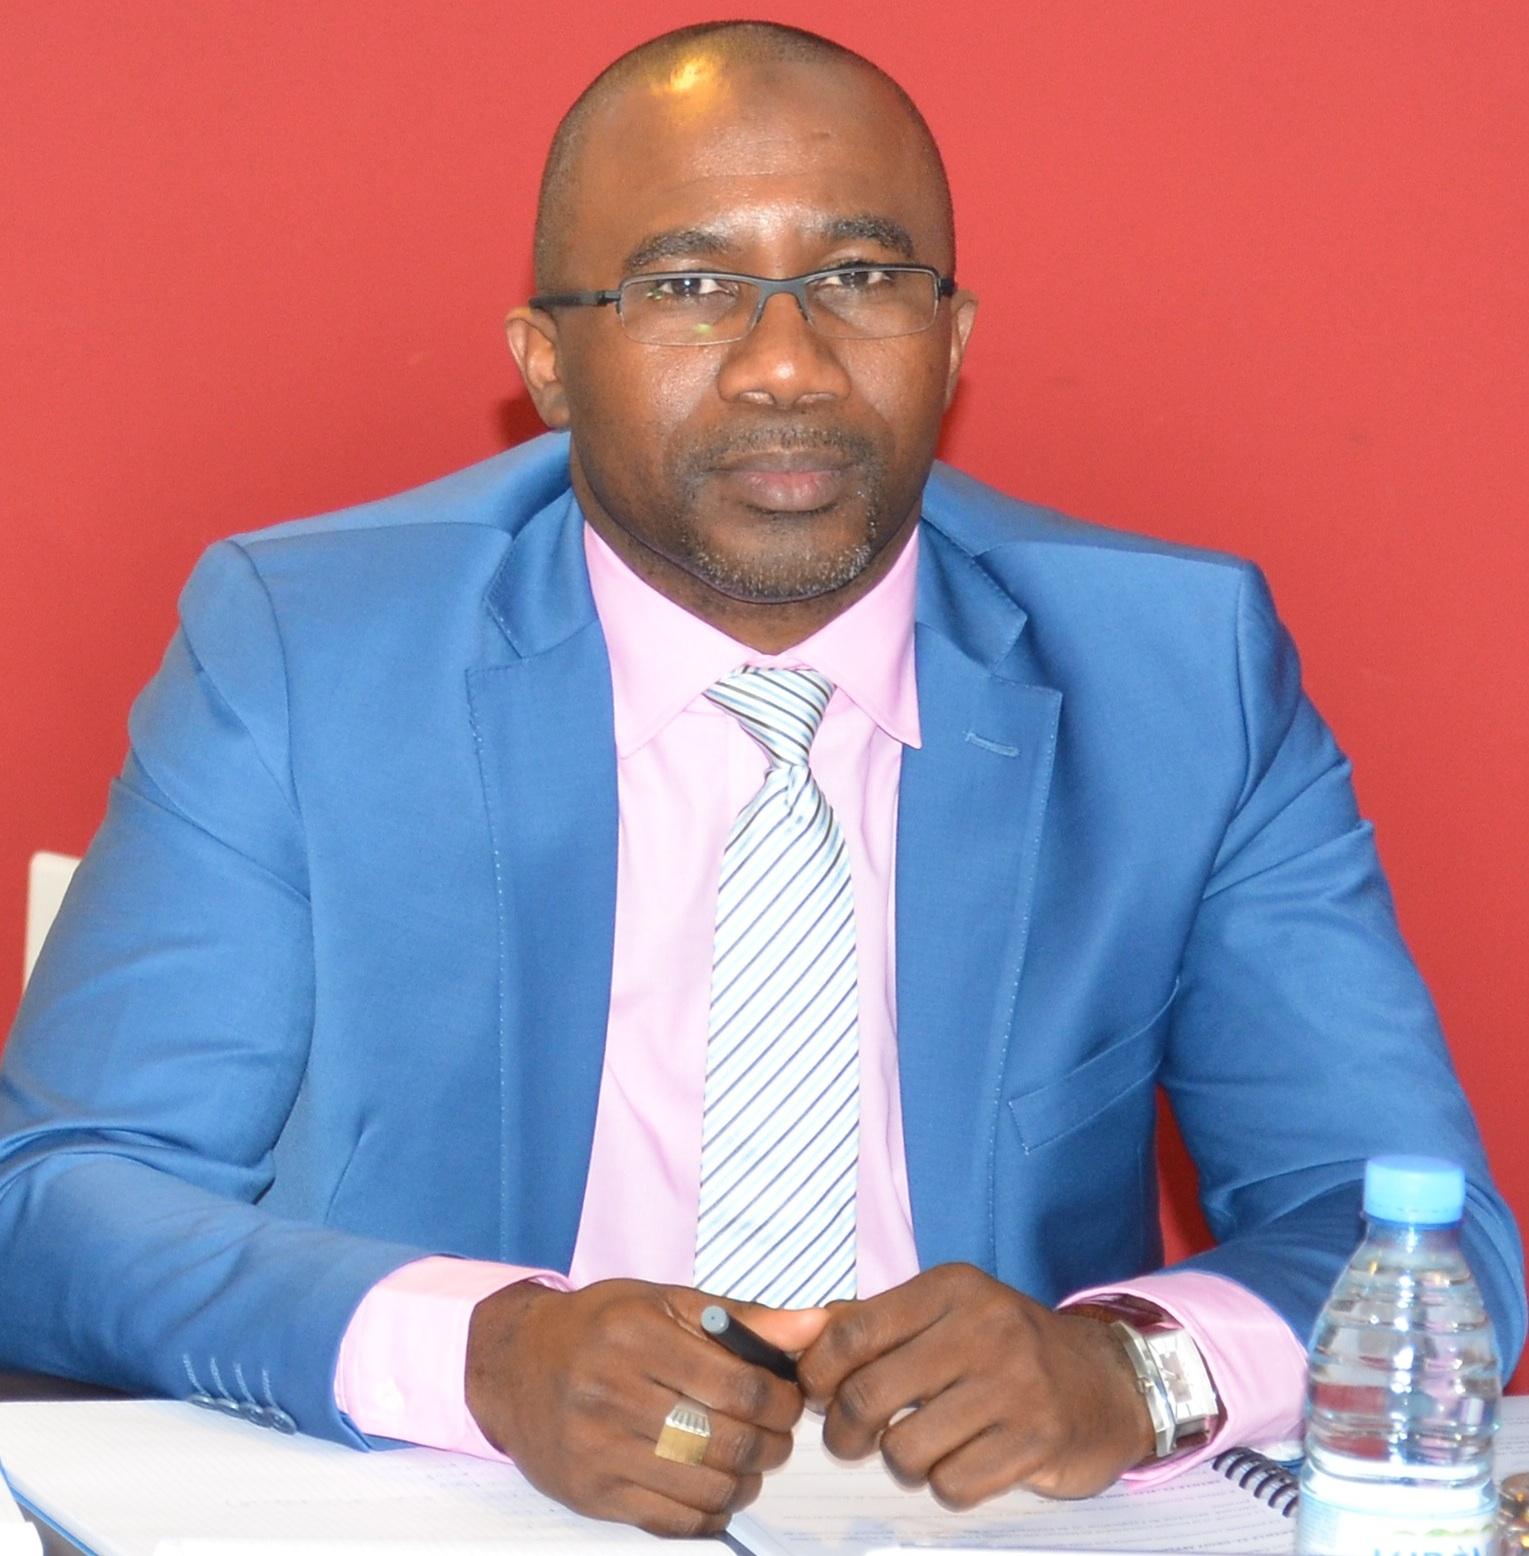 DOUDOU KA APRÈS LE TRIOMPHE DU OUI A ZIGUINCHOR : « La Casamance est reconnaissante à Macky Sall »